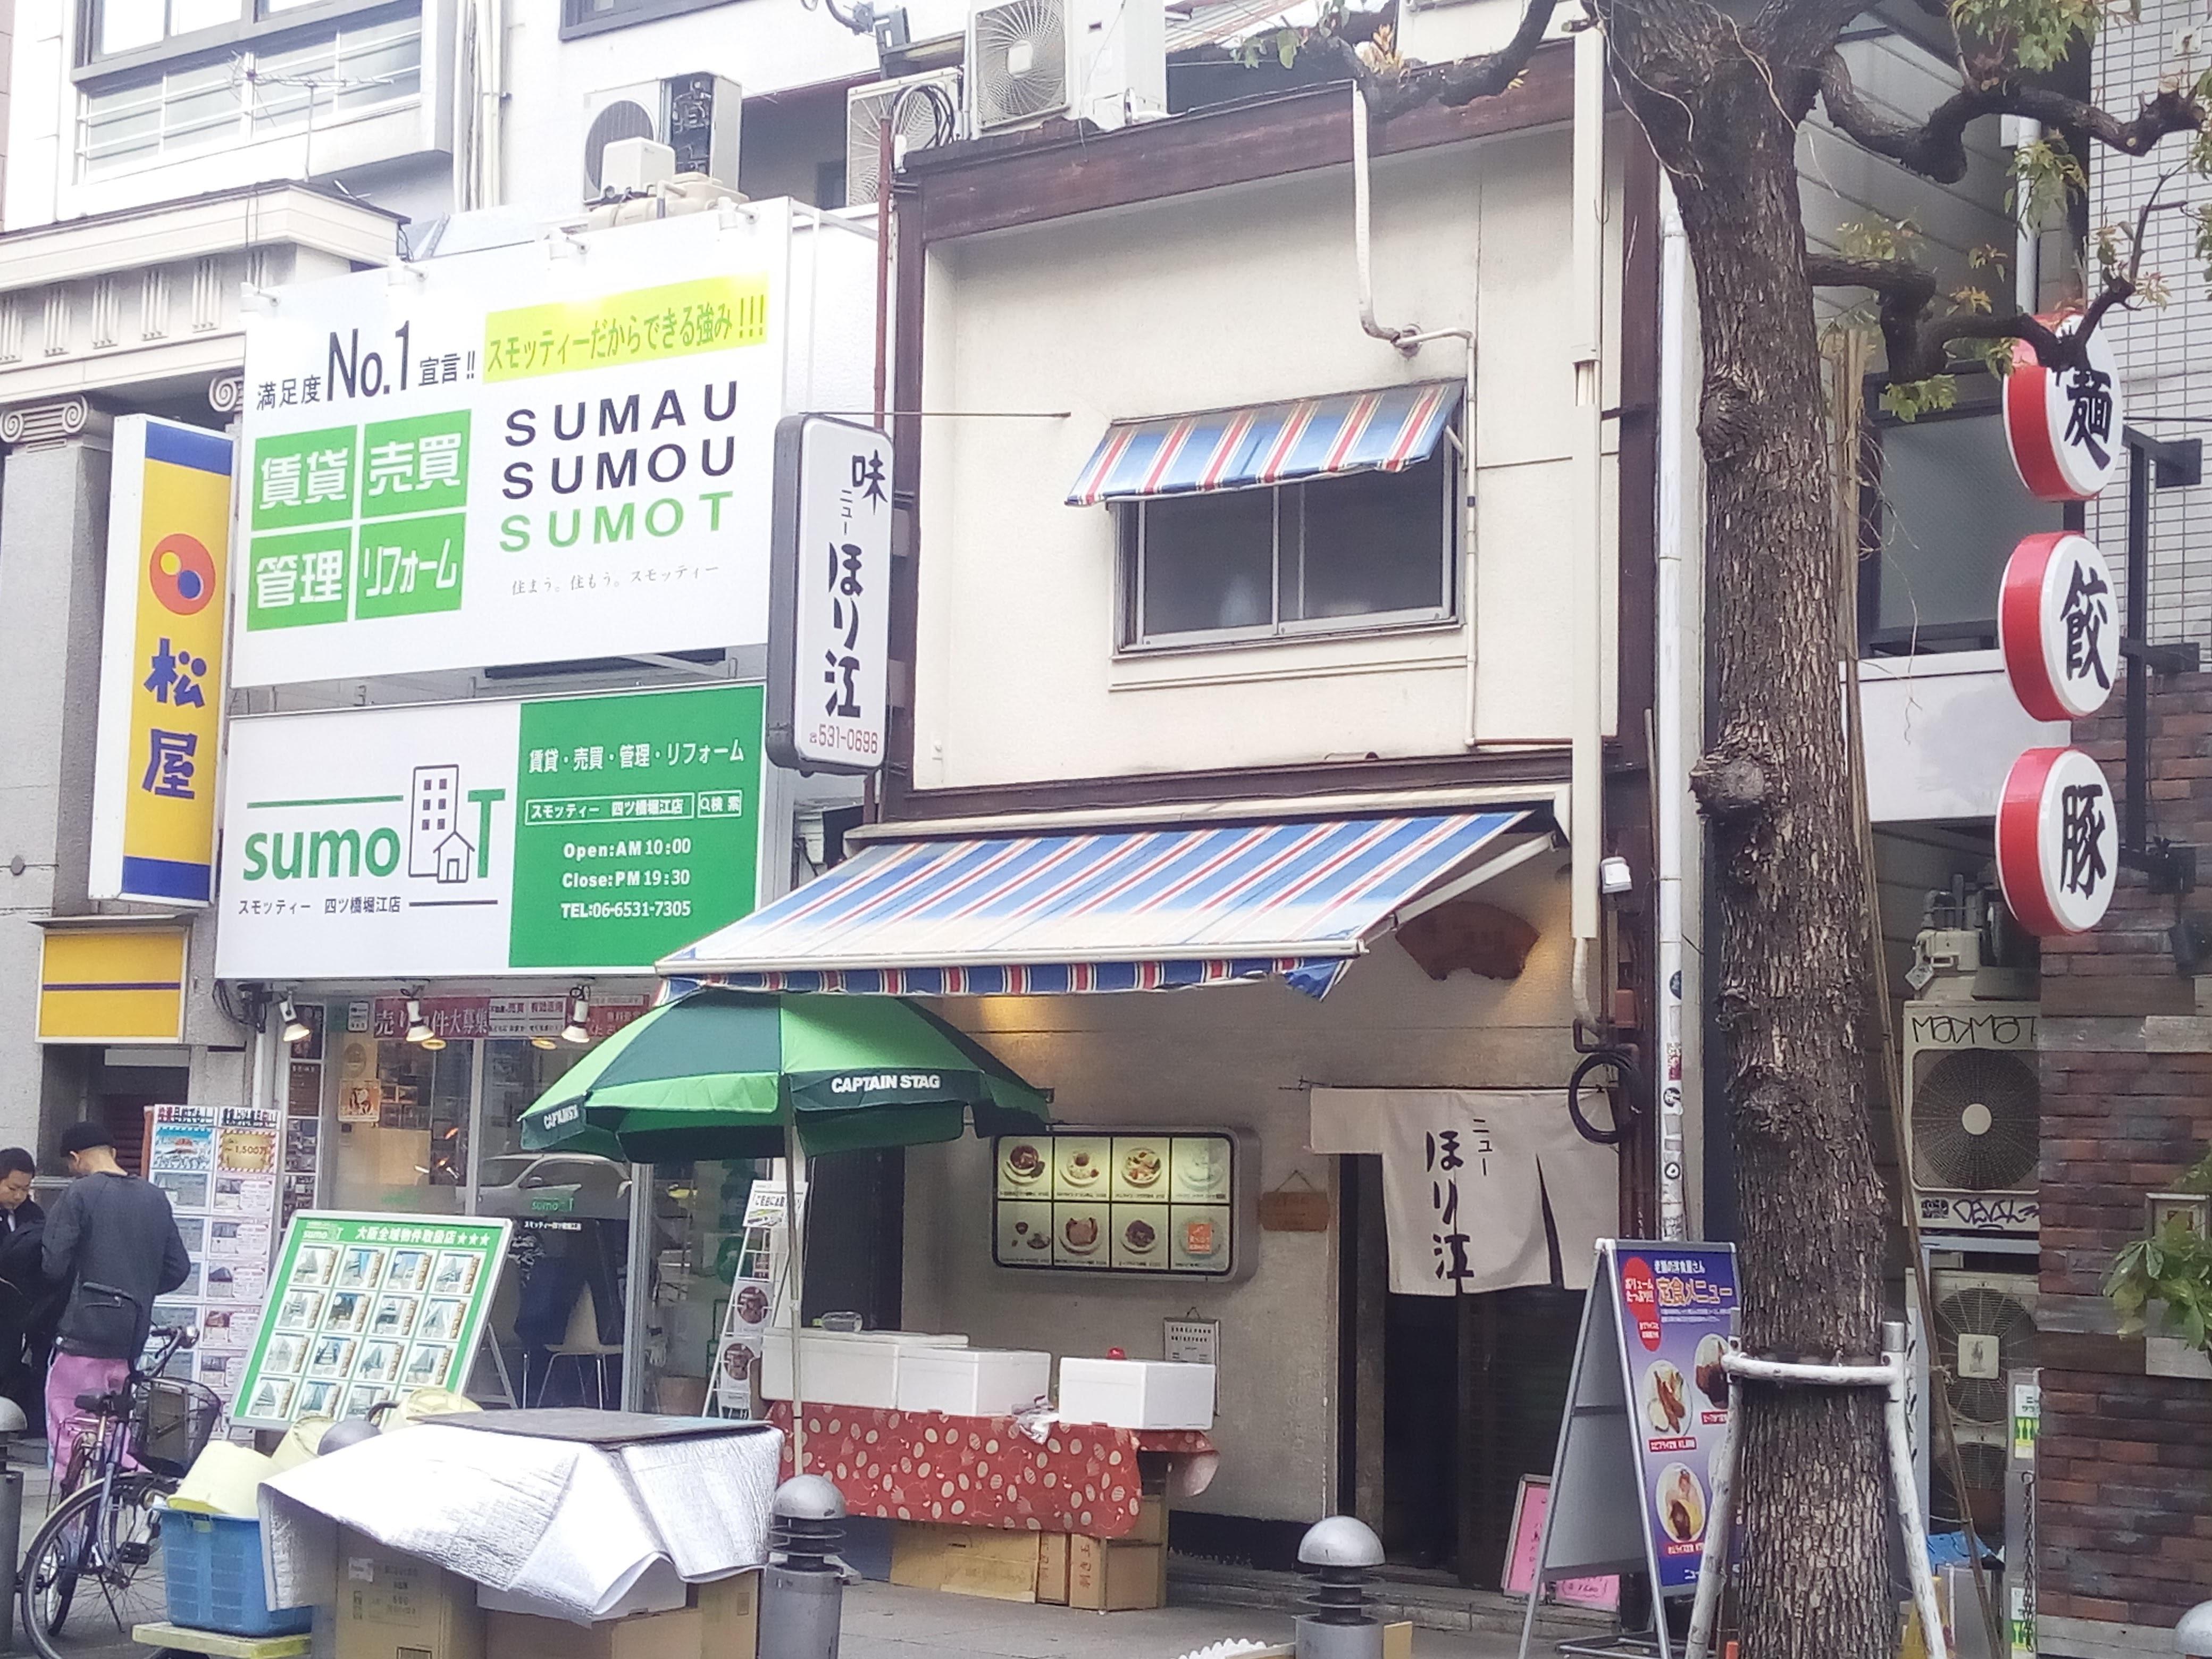 老舗の洋食屋さんでカキフライ定食 ニュー堀江